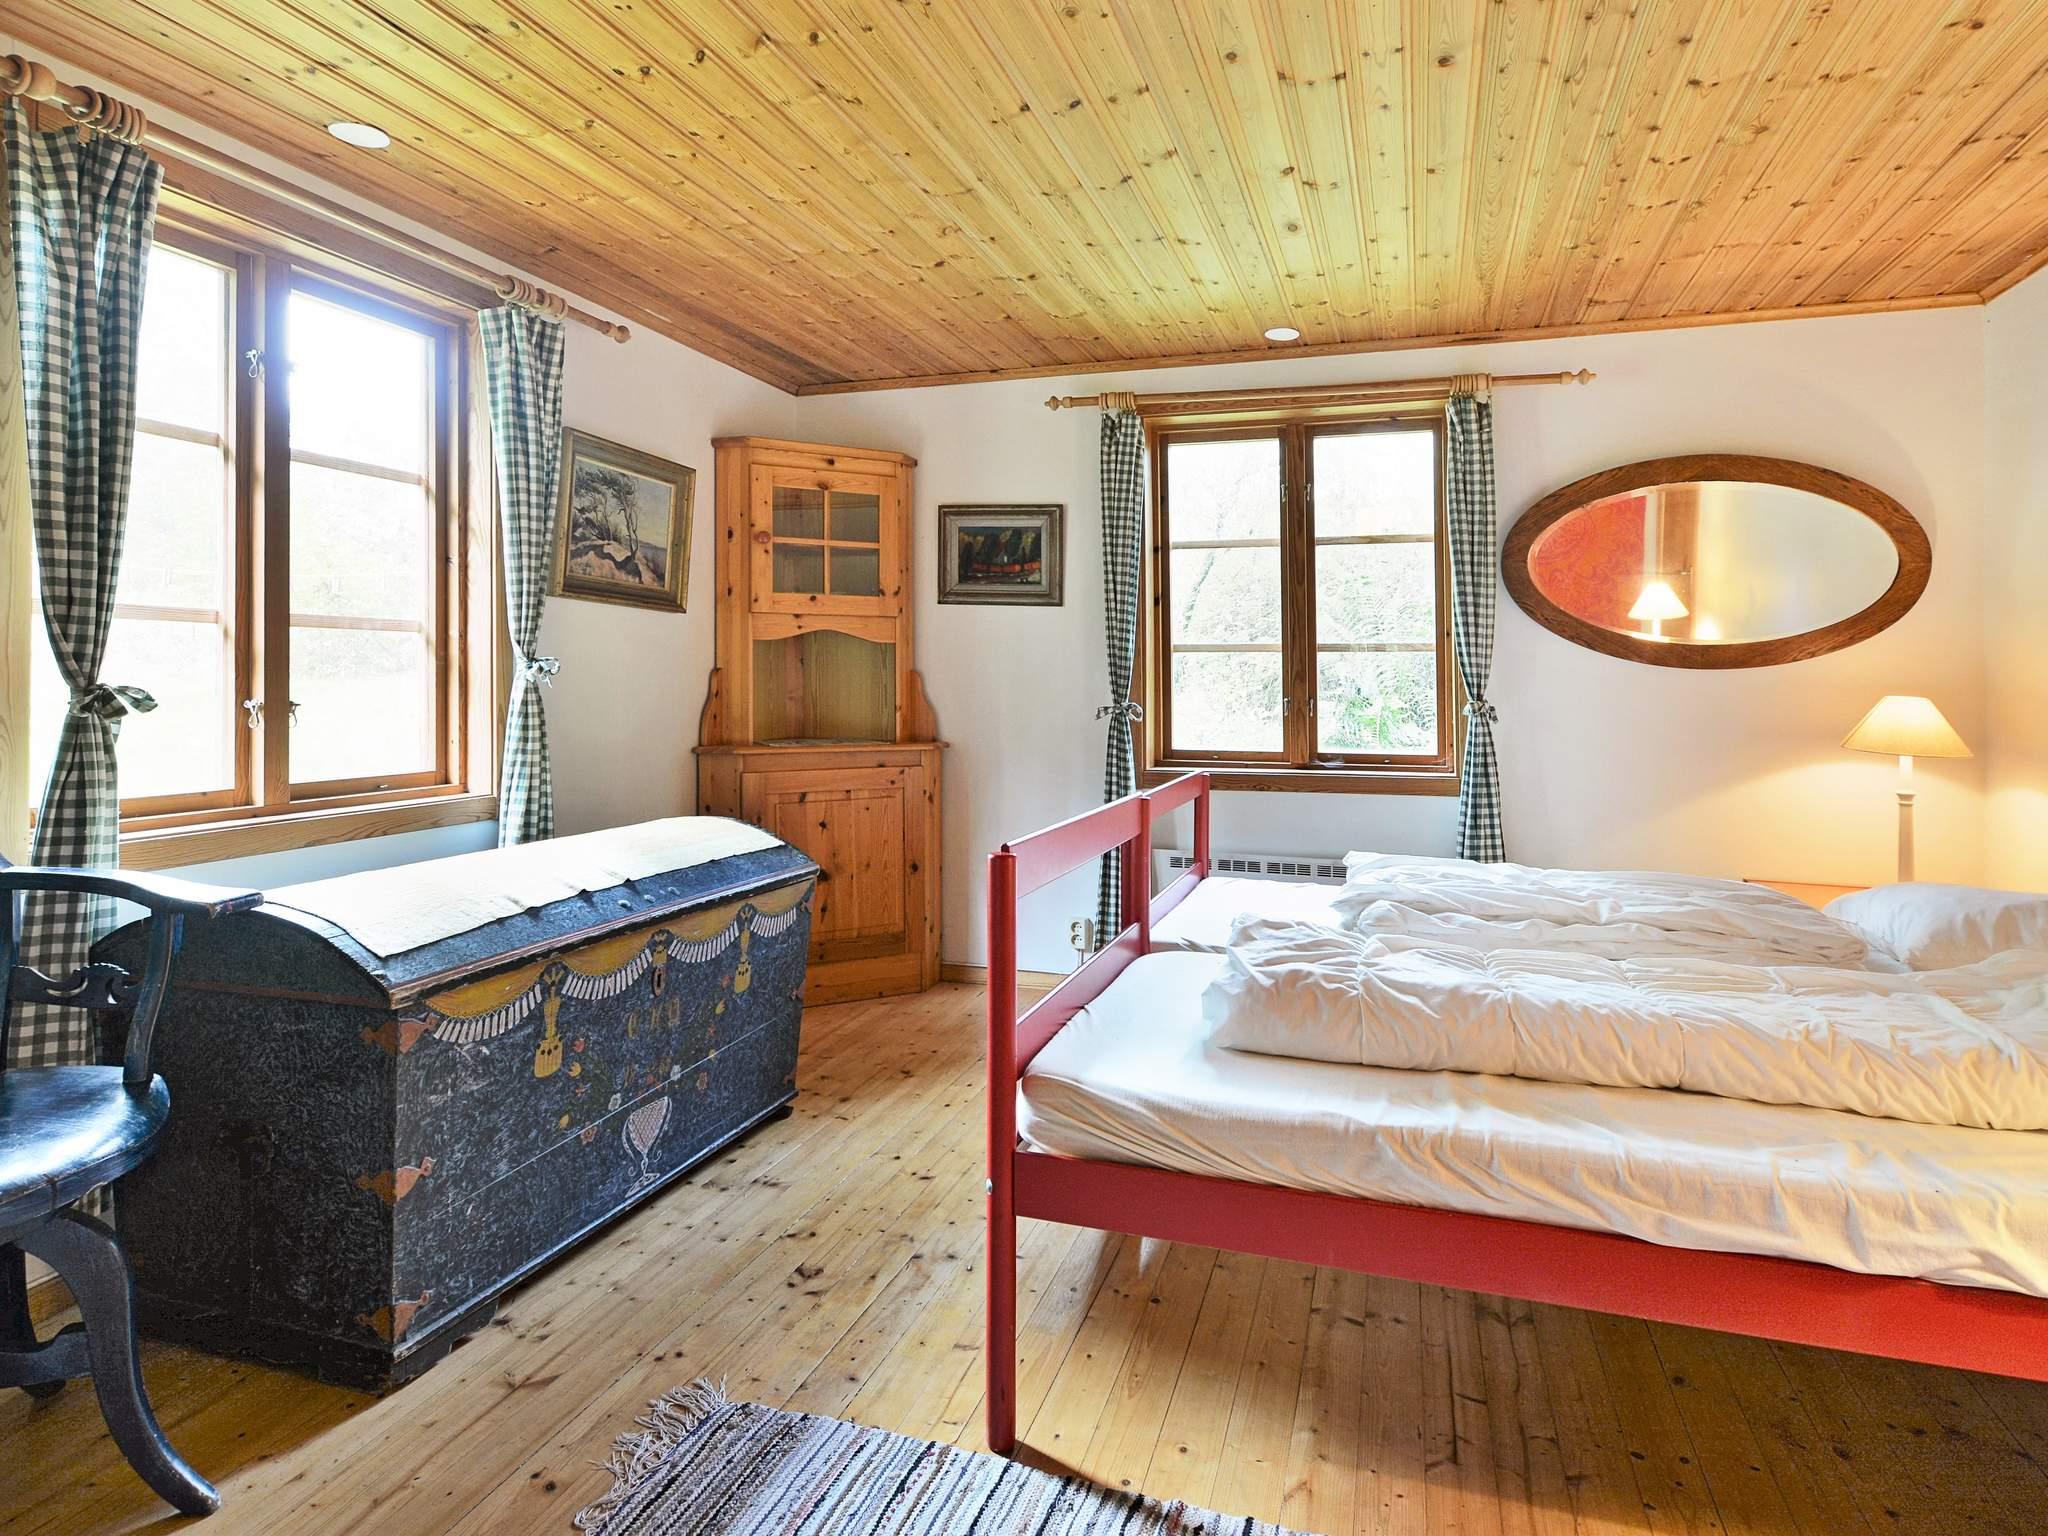 Ferienhaus Belganet (167568), Hallabro, Blekinge län, Südschweden, Schweden, Bild 6